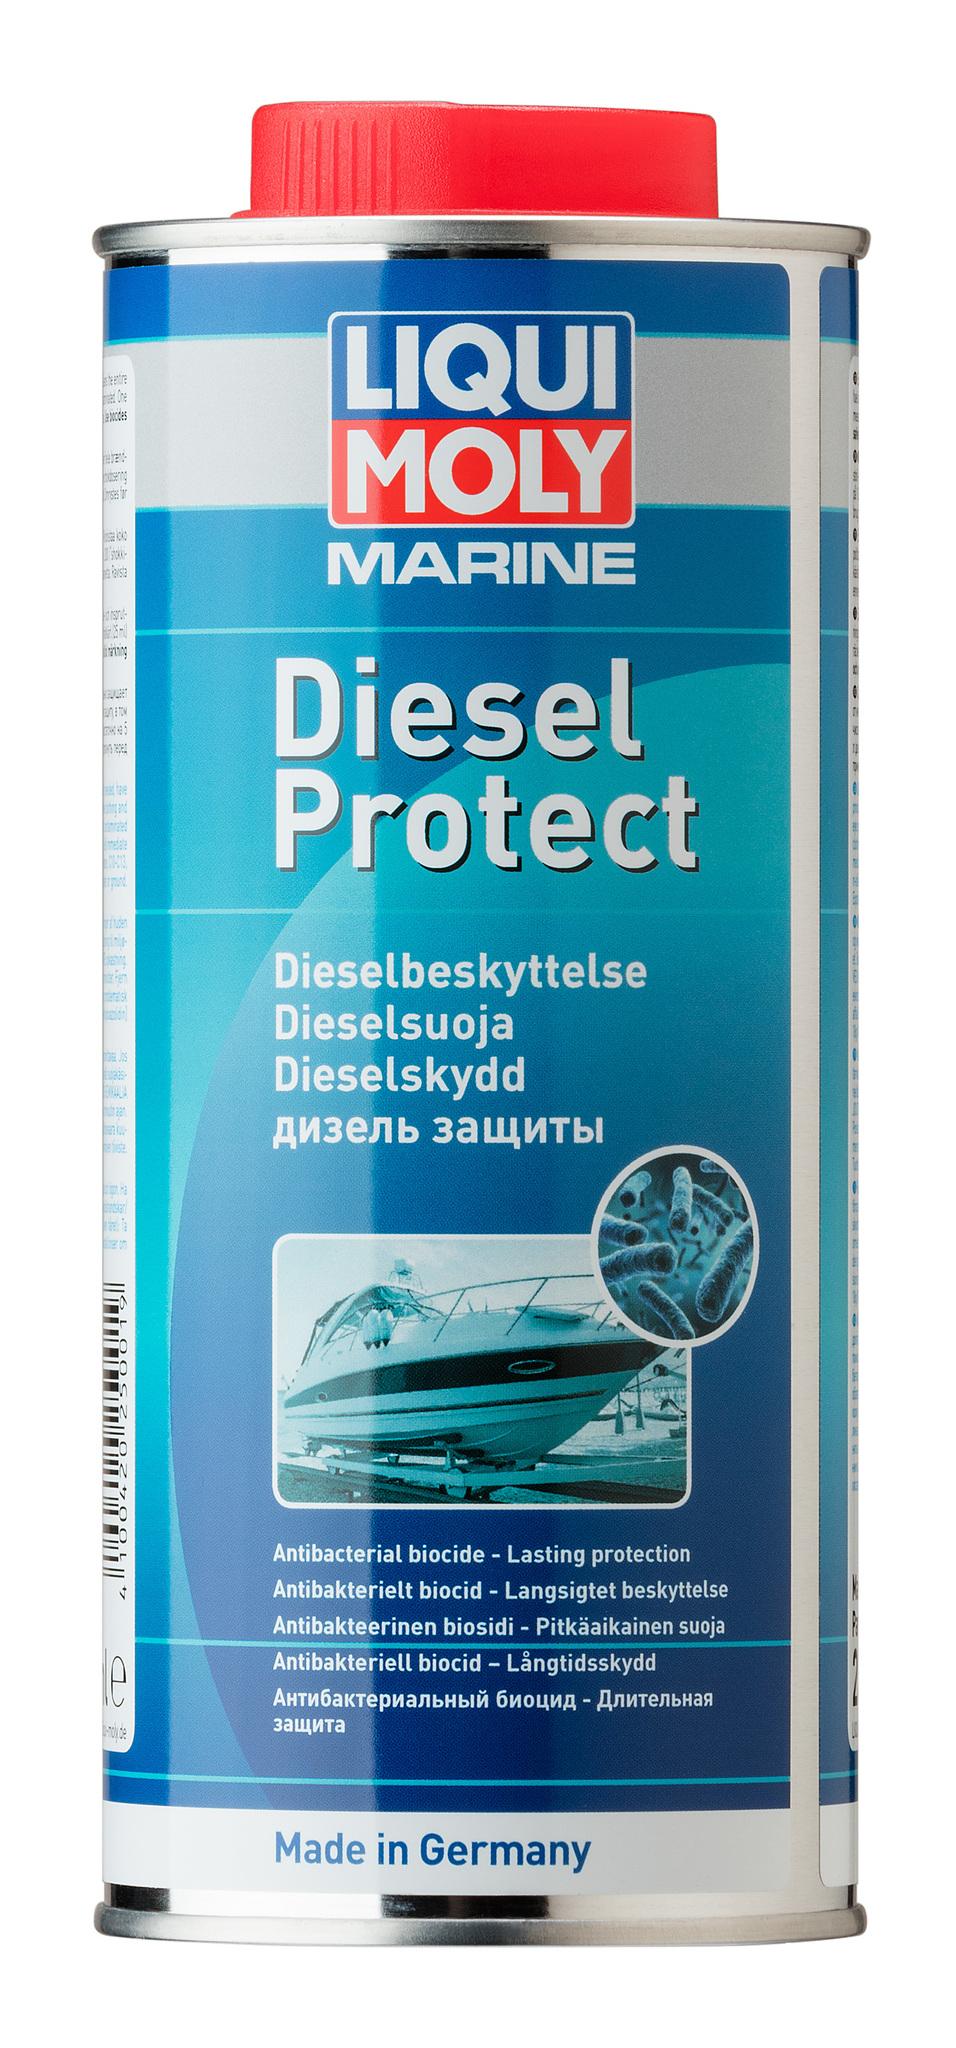 Liqui Moly Marine Diesel Protect - Присадка антибактериальная для защиты топливных систем лодок (дизель)